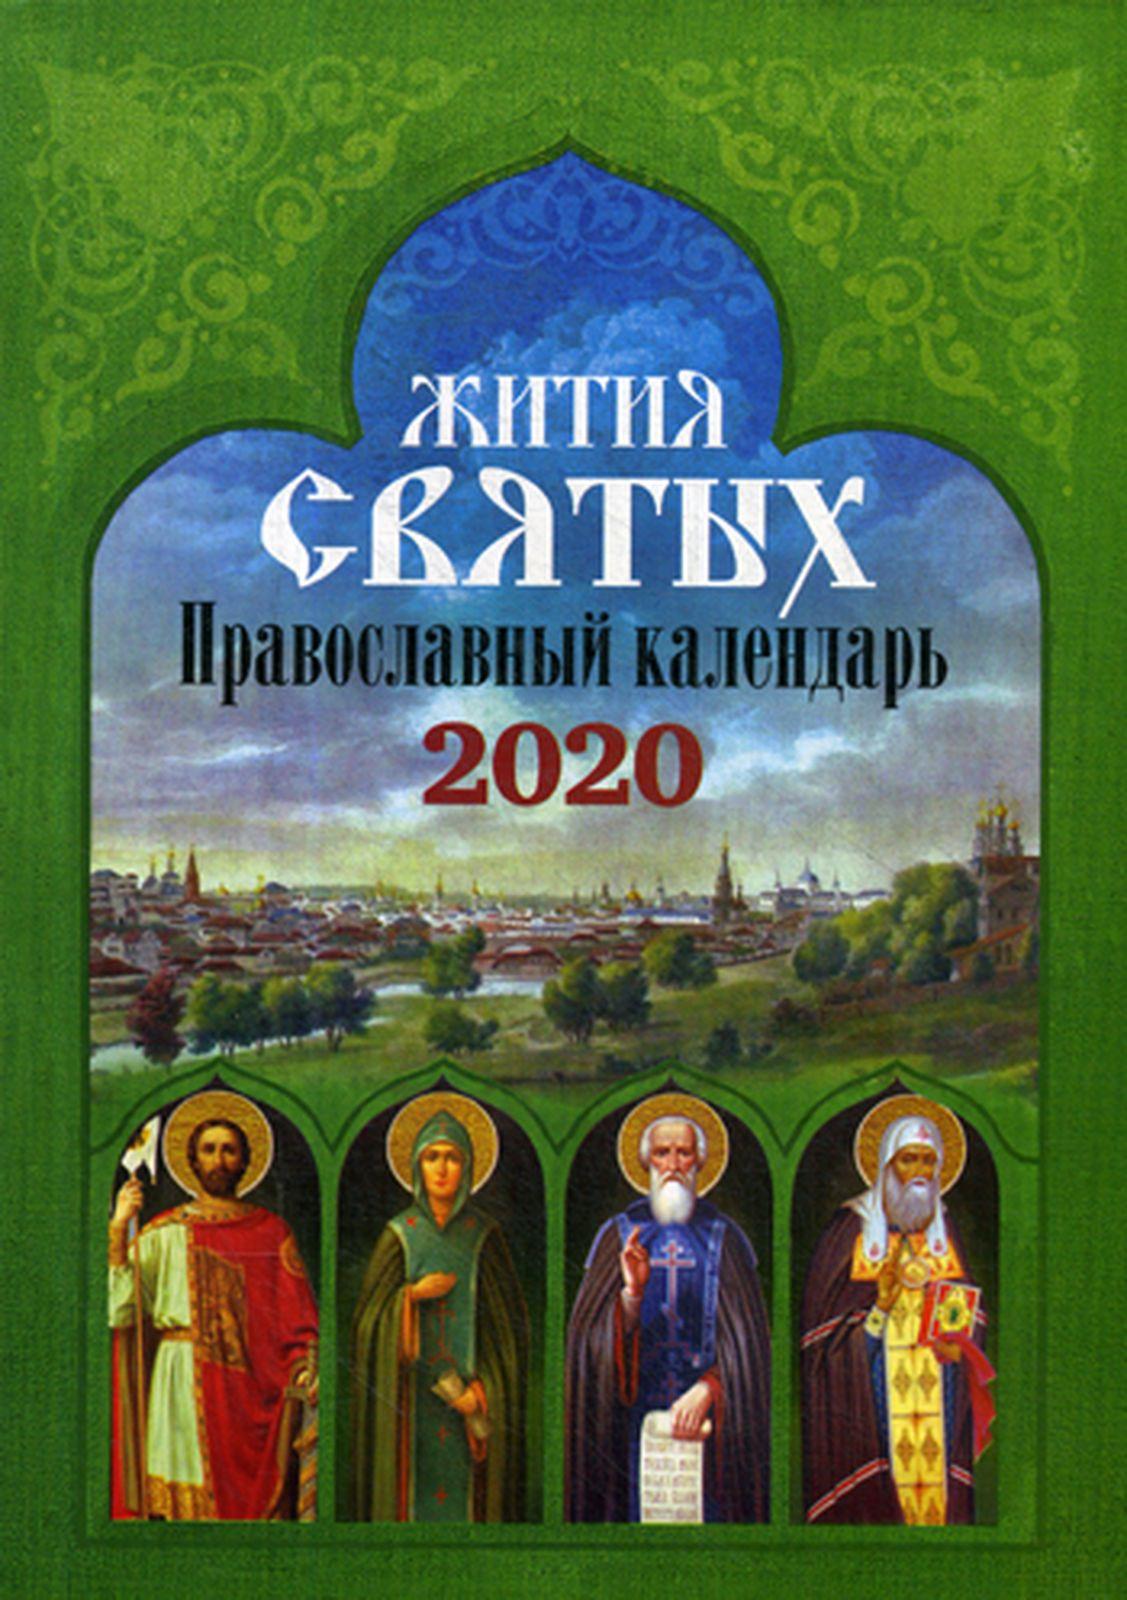 Православный календарь 2020. Жития святых